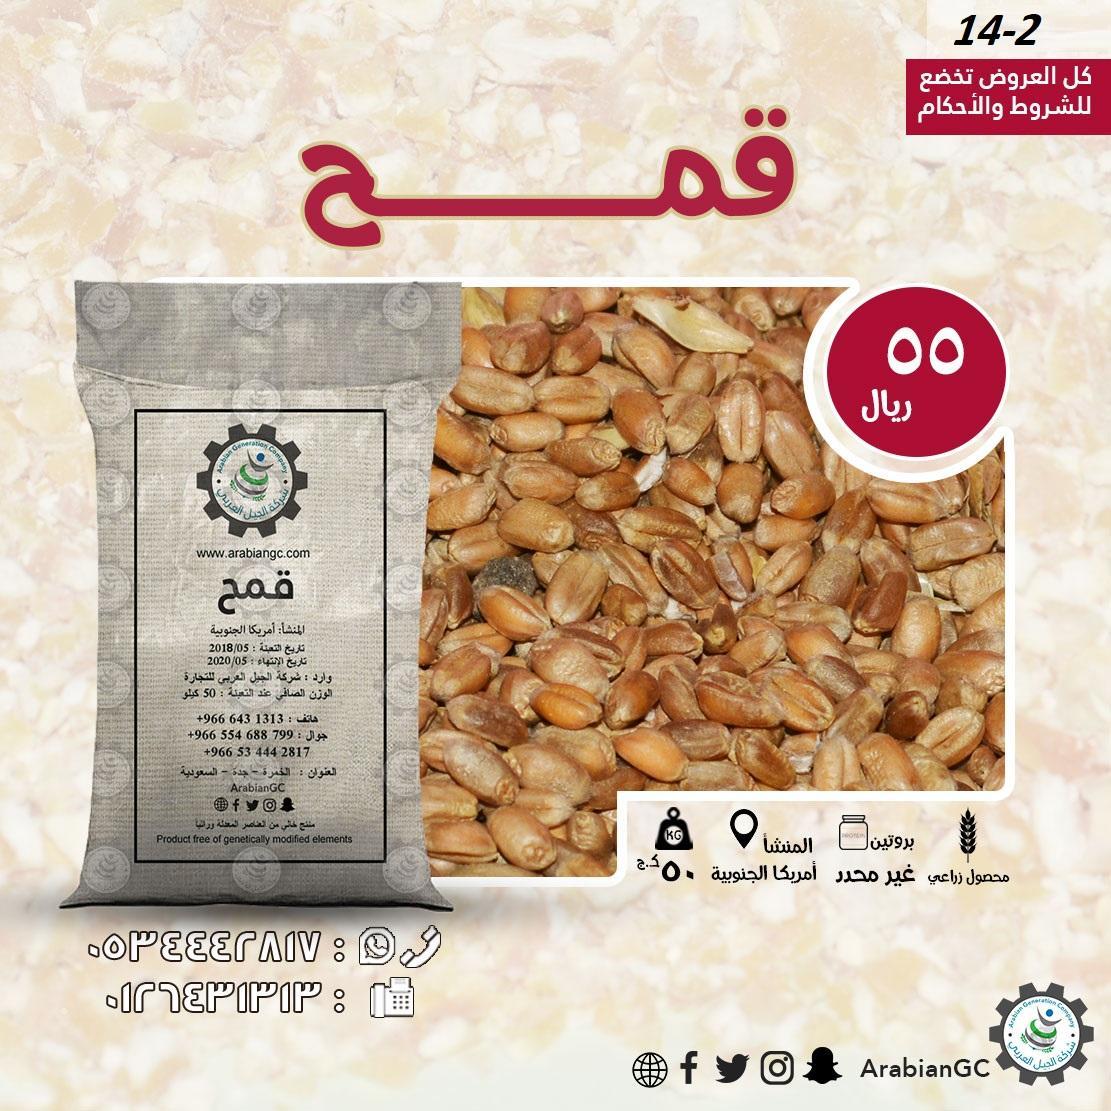 للبيع أفضل وأجود أنواع القمح d.php?hash=GKR731784